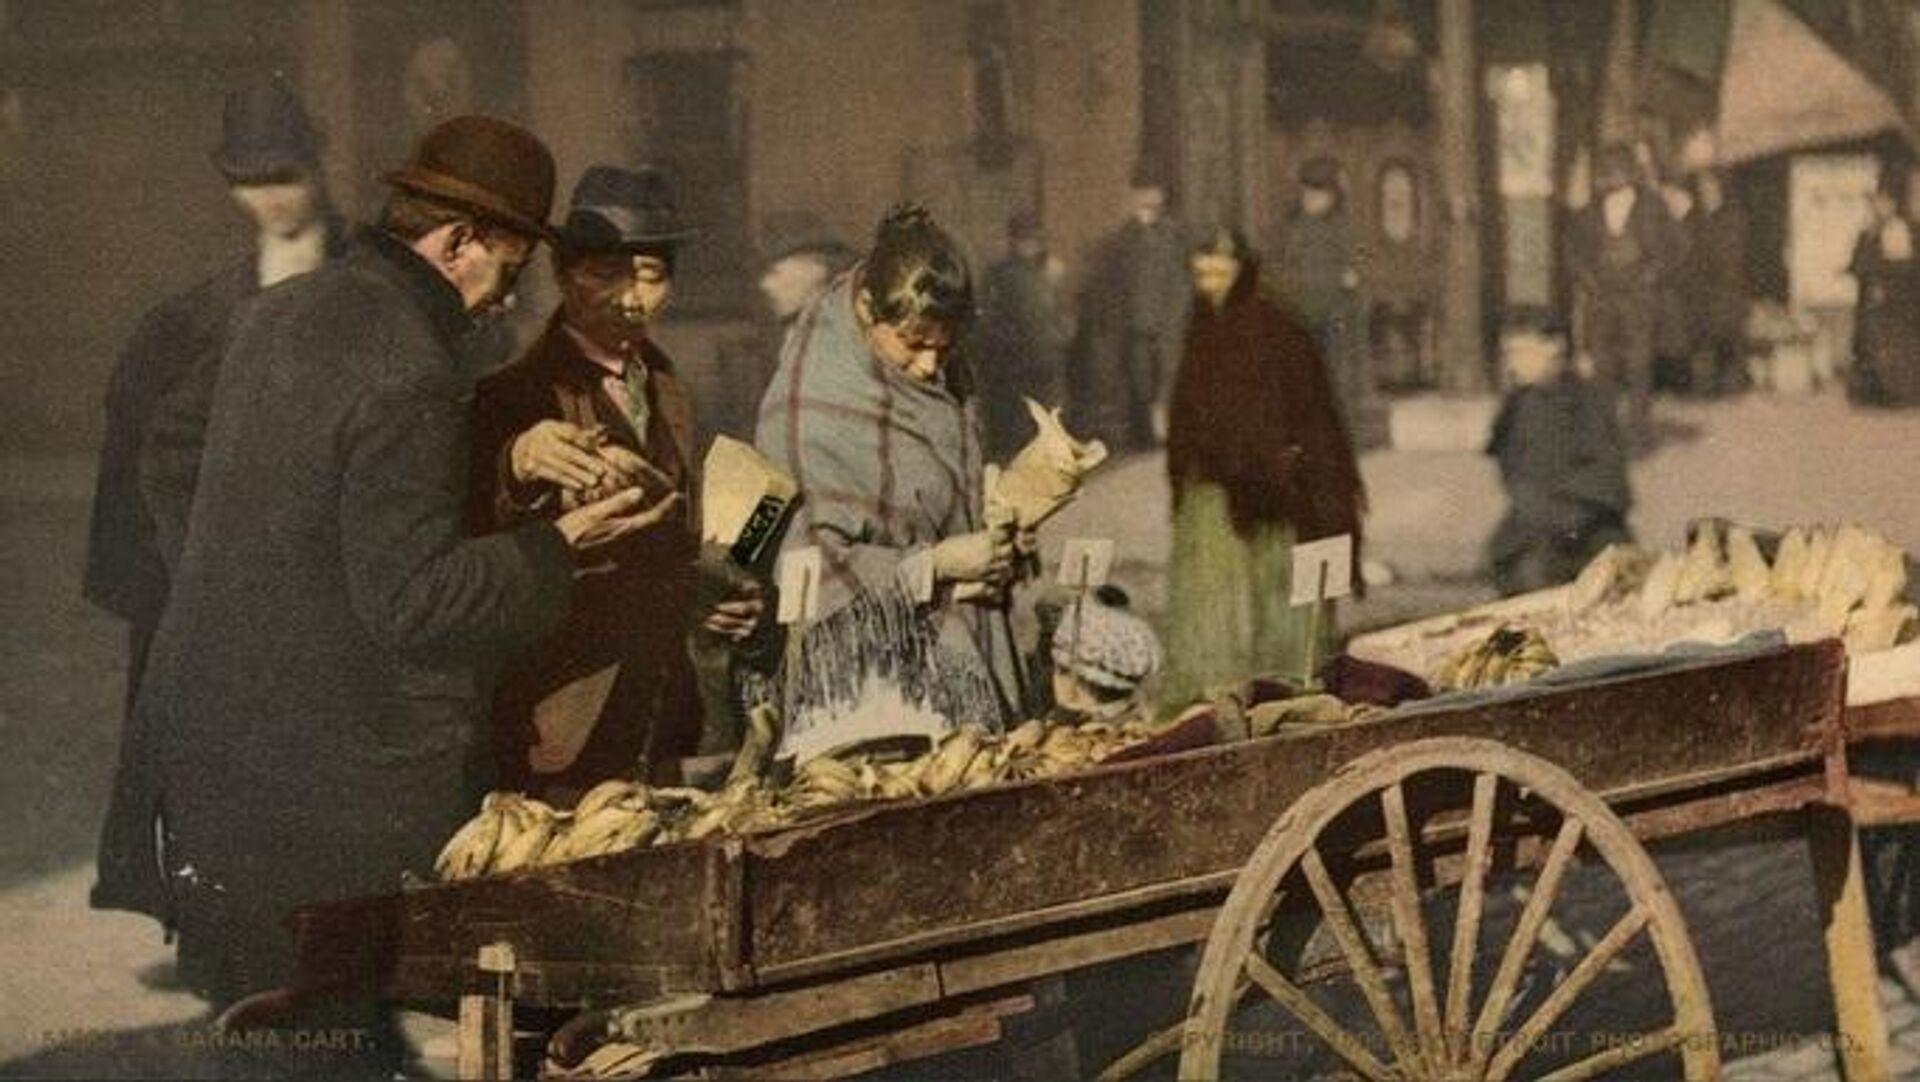 La venta de plátanos en una calle de Nueva York, en 1902 - Sputnik Mundo, 1920, 26.08.2021